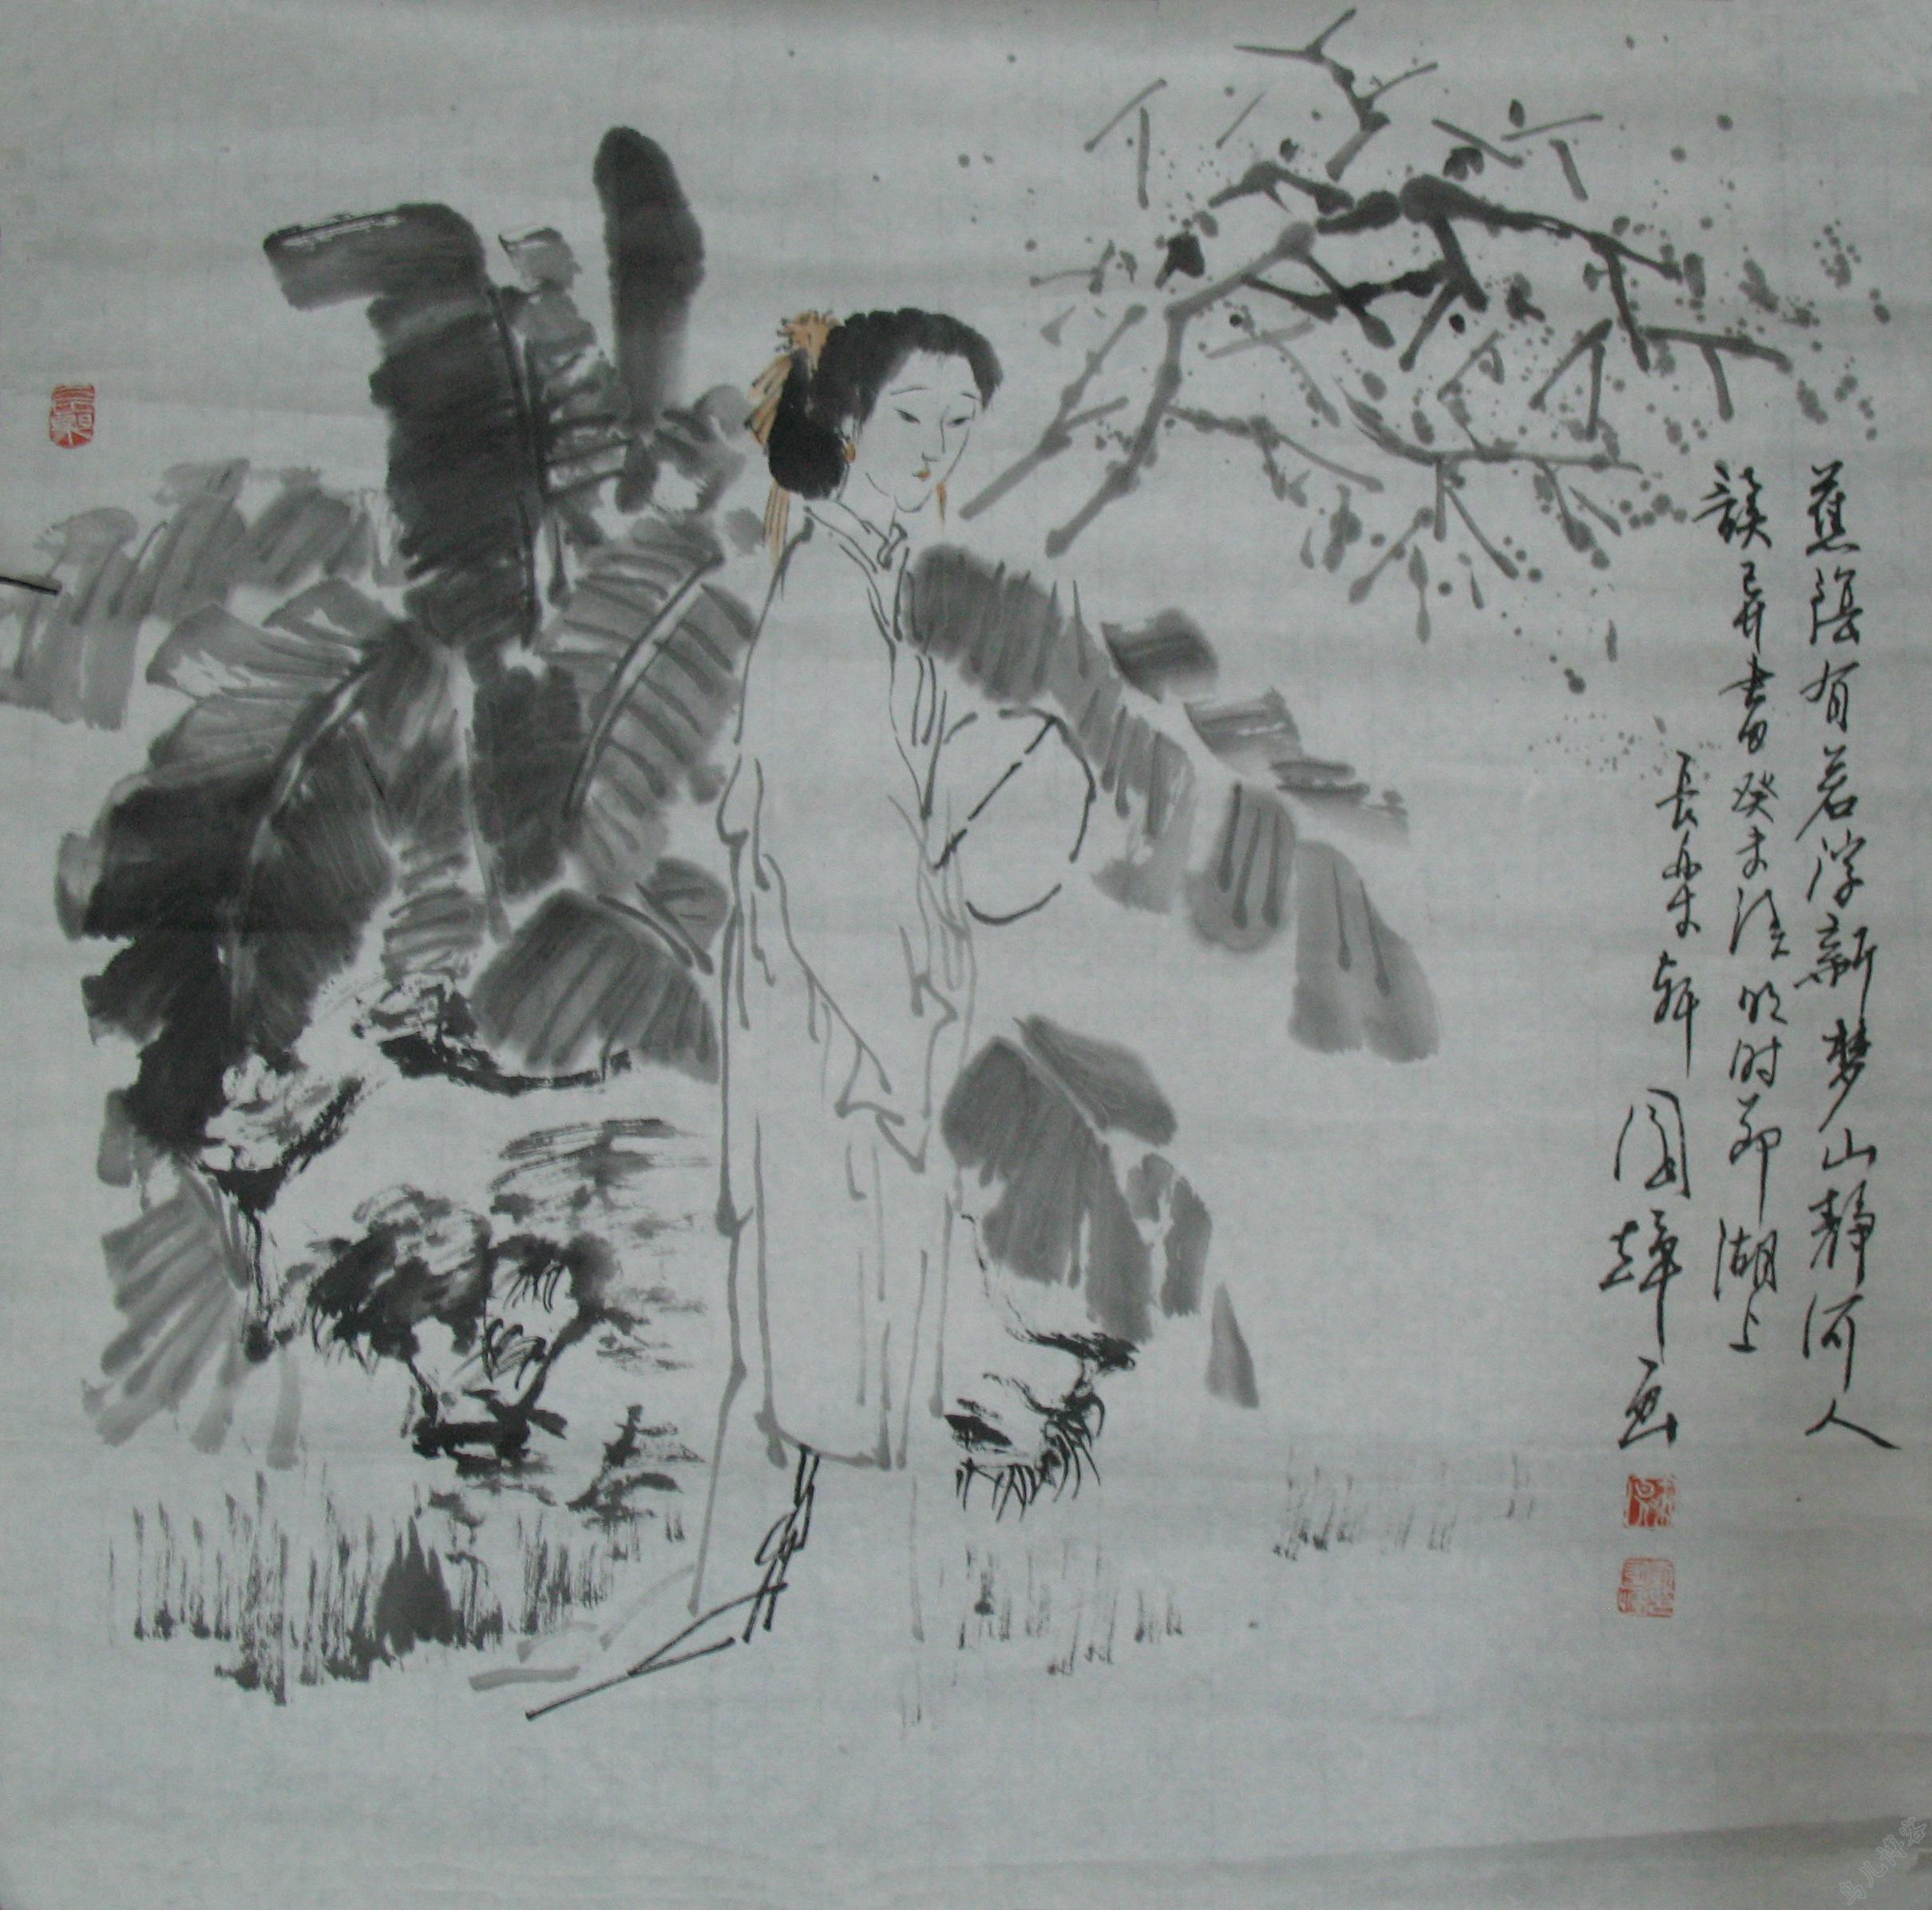 刘国辉.jpg 刘国辉仕女图蕉阴有若浮新梦 当代名家书画